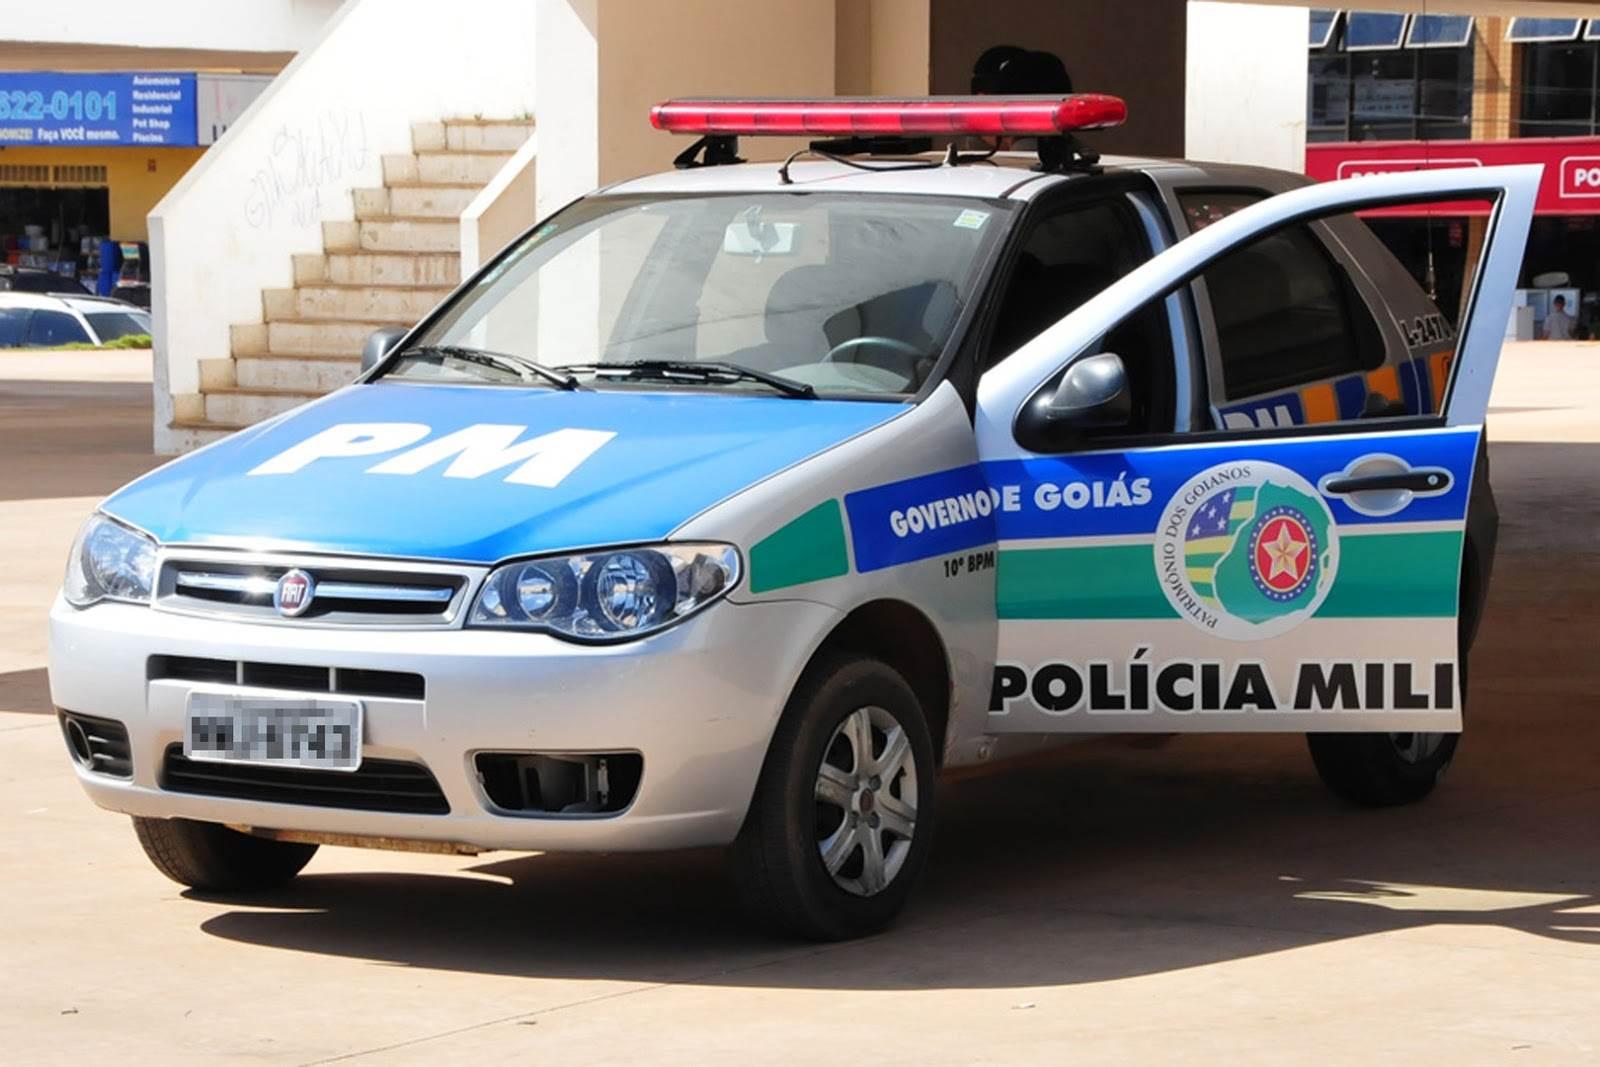 Segundo os autos, os policiais militares cobraram R$ 3 mil para devolver a arma de fogo de um vigilante, apreendida quando este saía do serviço  Foto: Ilustrativa